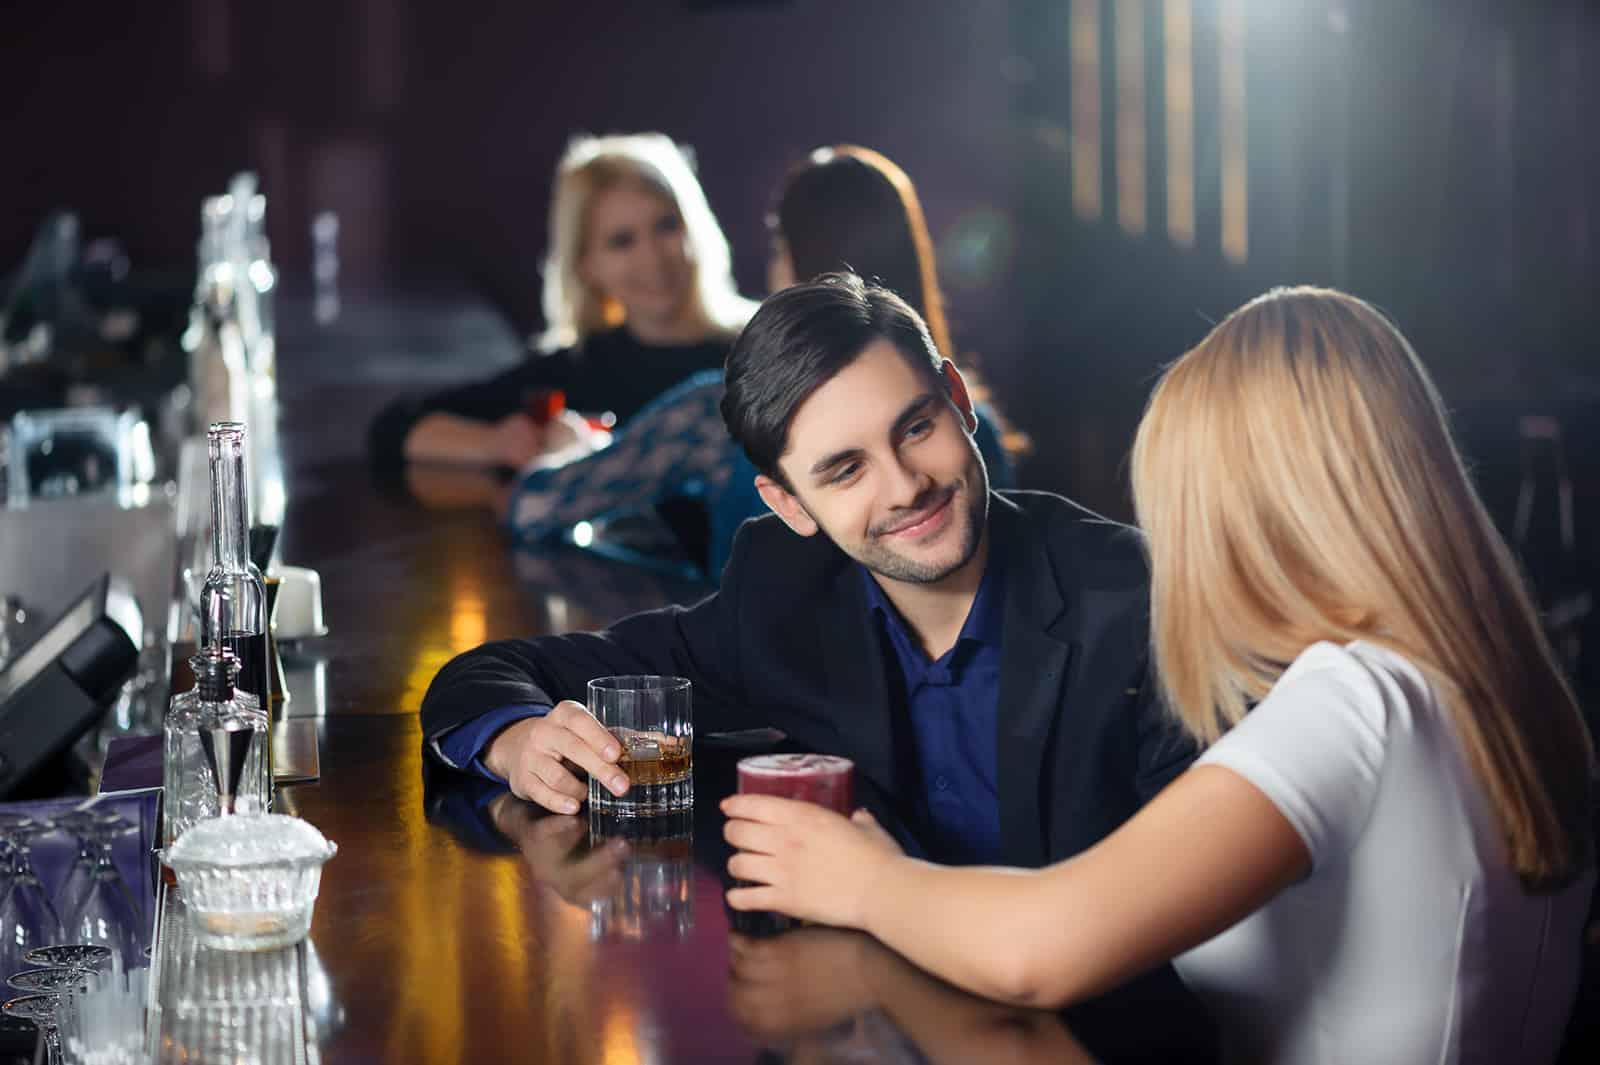 Ein selbstbewusster Mann, der mit einer Frau an der Theke sitzt und zusammen trinkt